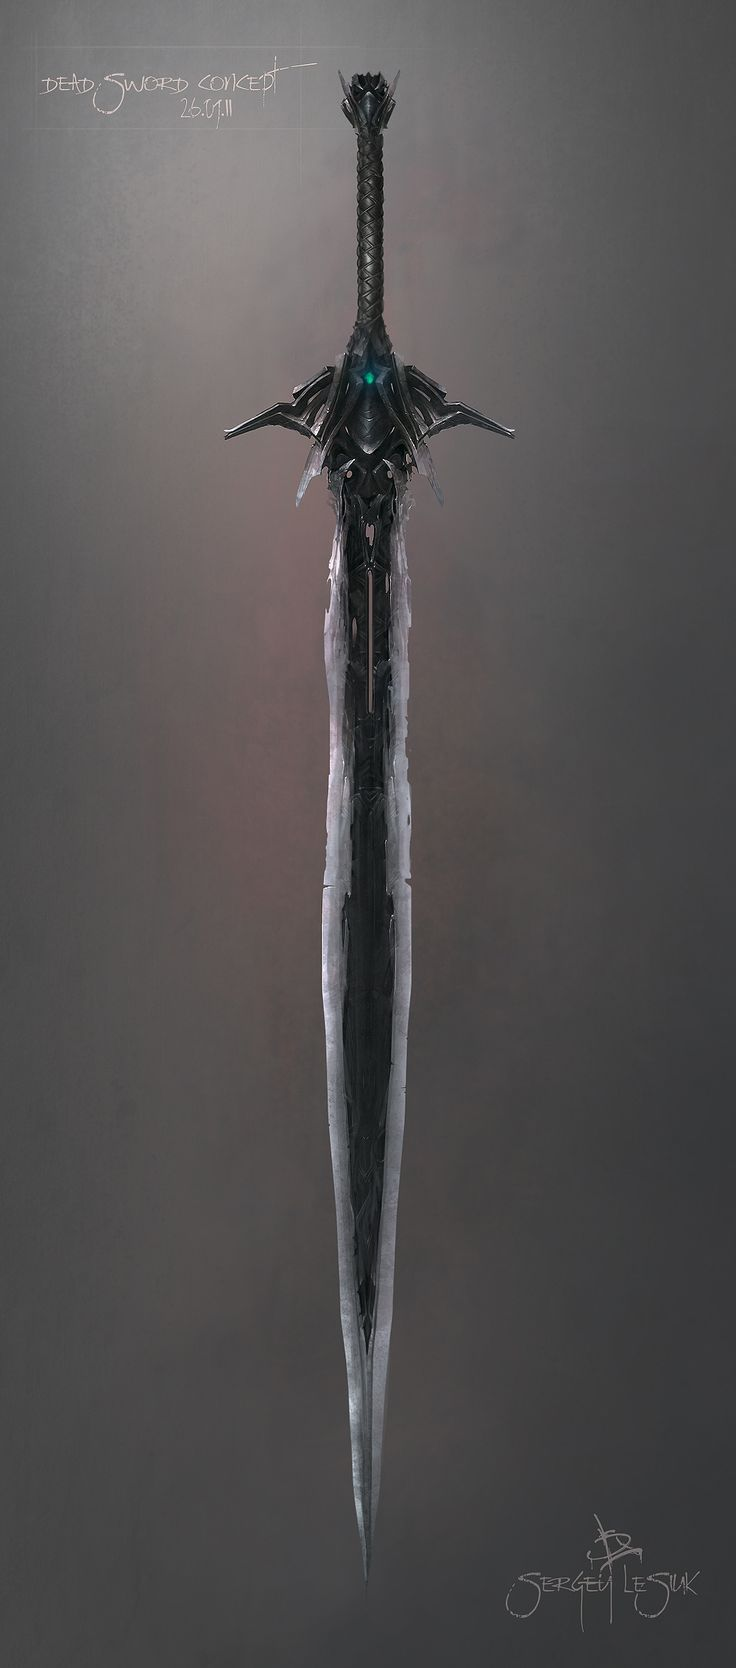 Dead Sword by ~nitro-killer on deviantART. Soul Reaver, the Sword that Pierces the Veil.